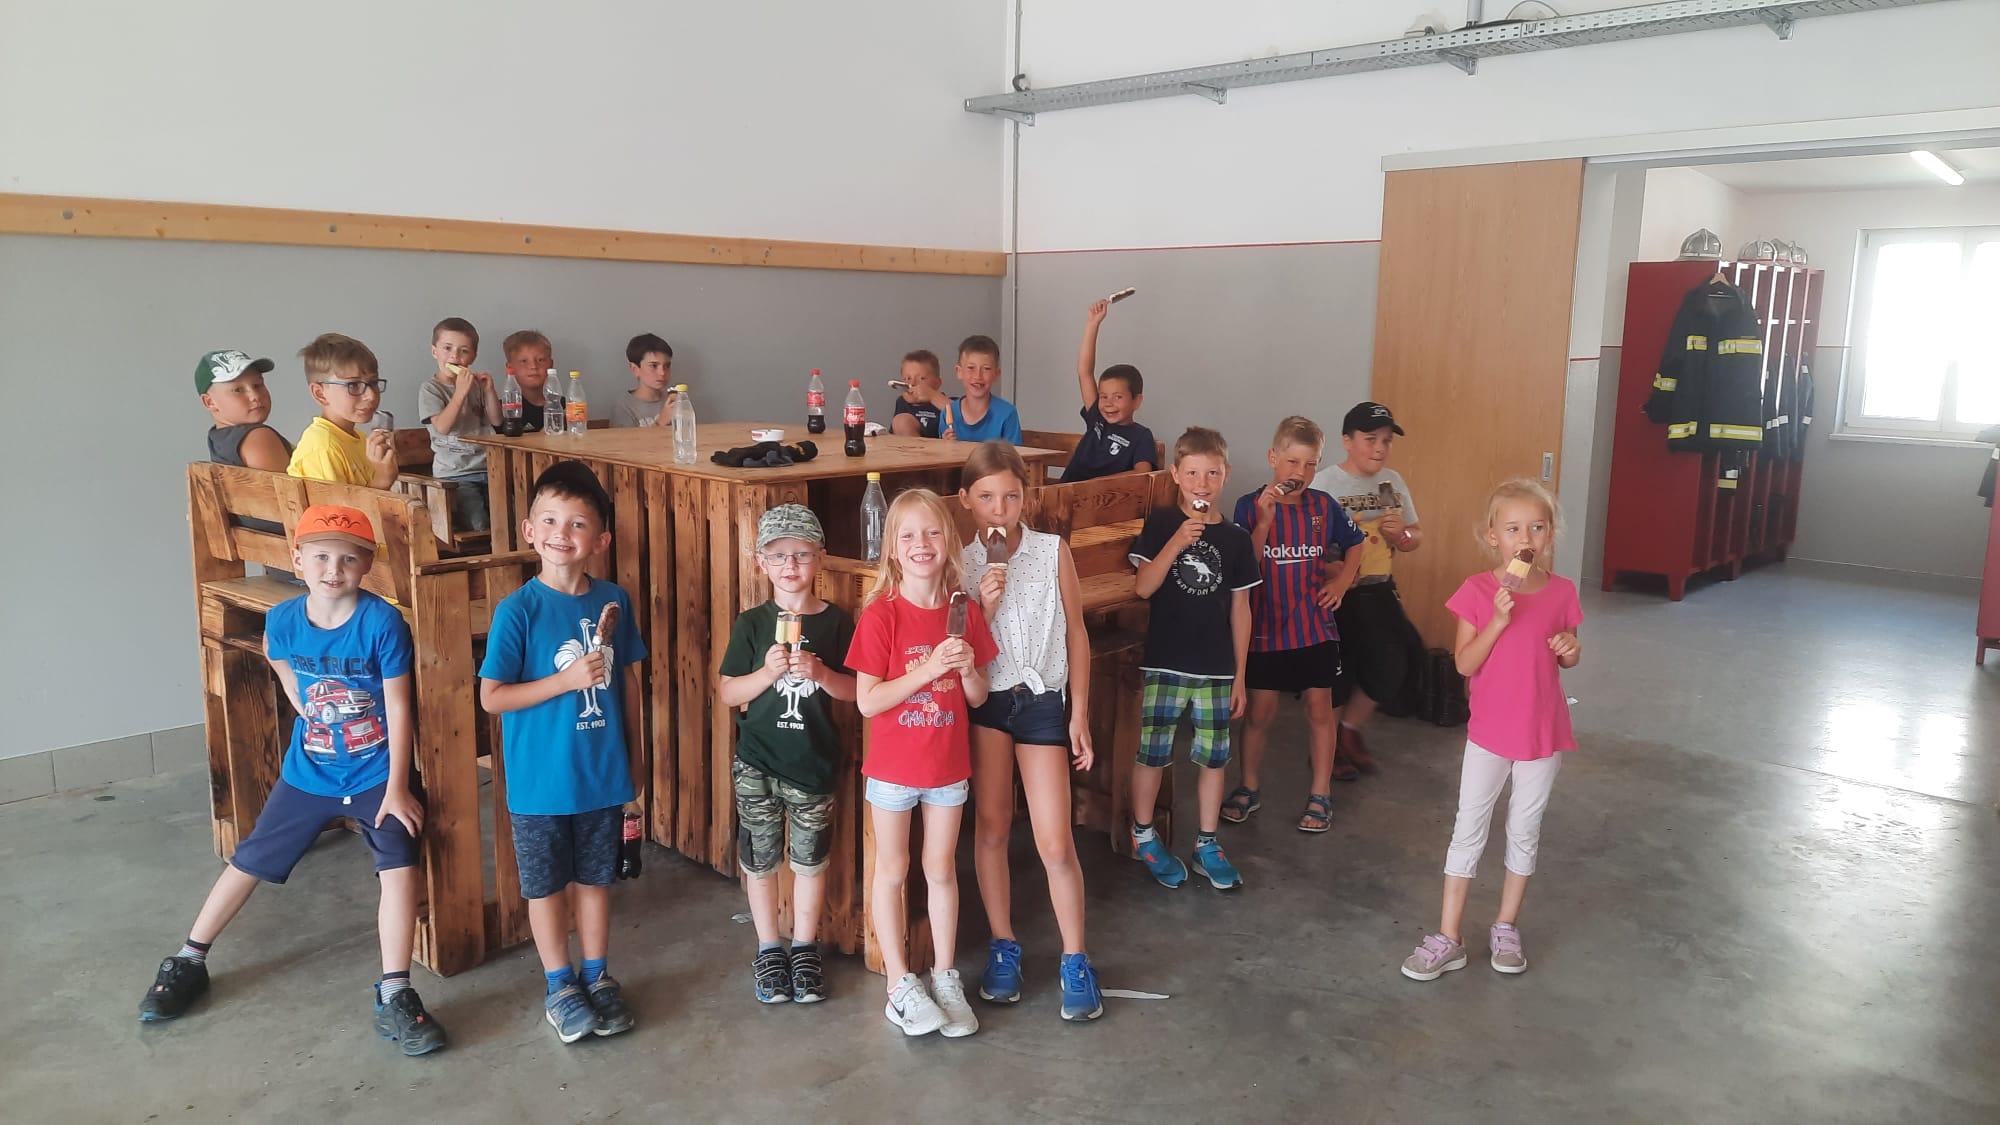 2021-07-23 - Kinder-Ferienprogramm (4)